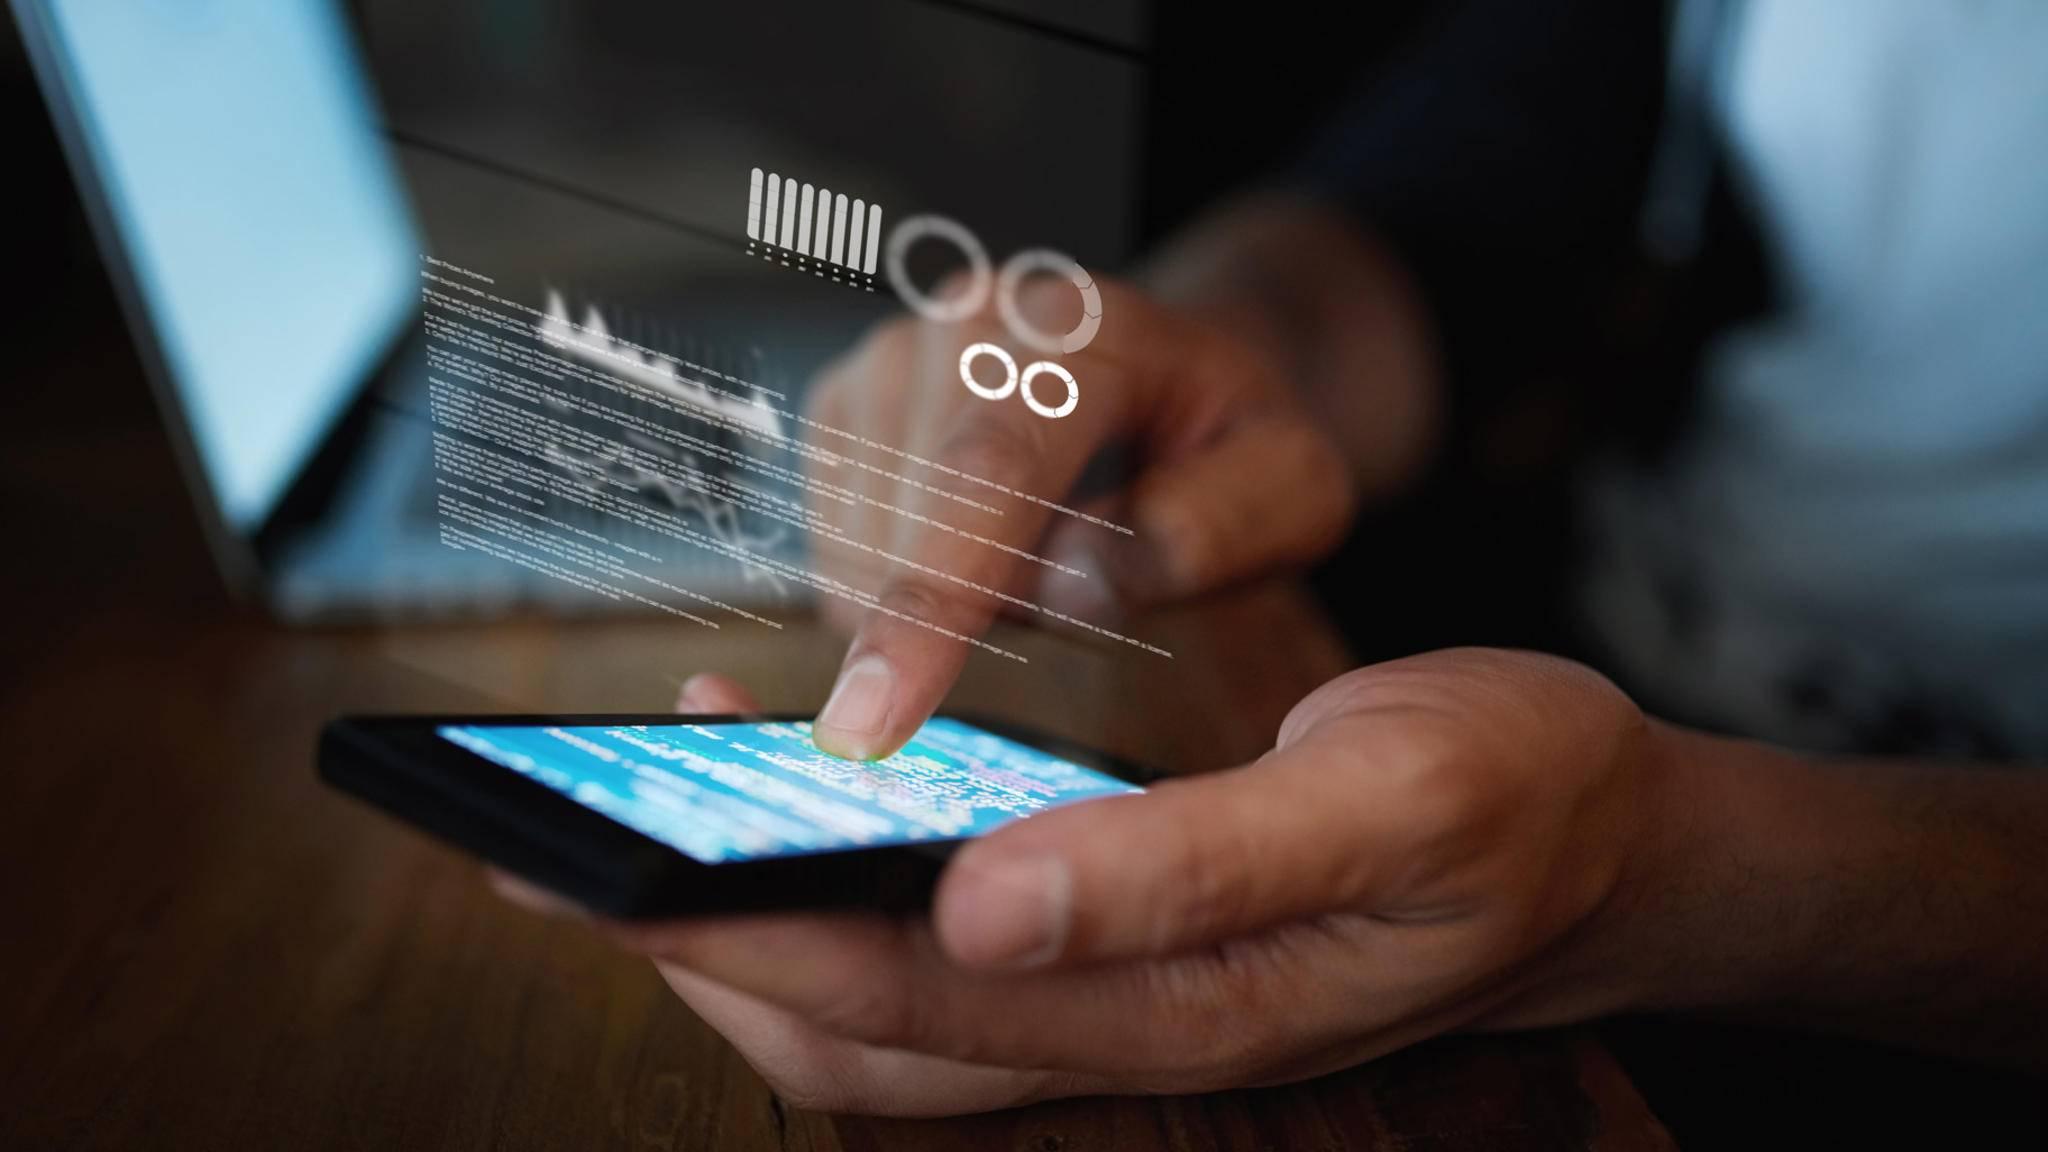 Wer Aktivitäten auf einem anderen Smartphone überwachen will, kann dazu Spionage-Apps einsetzen.